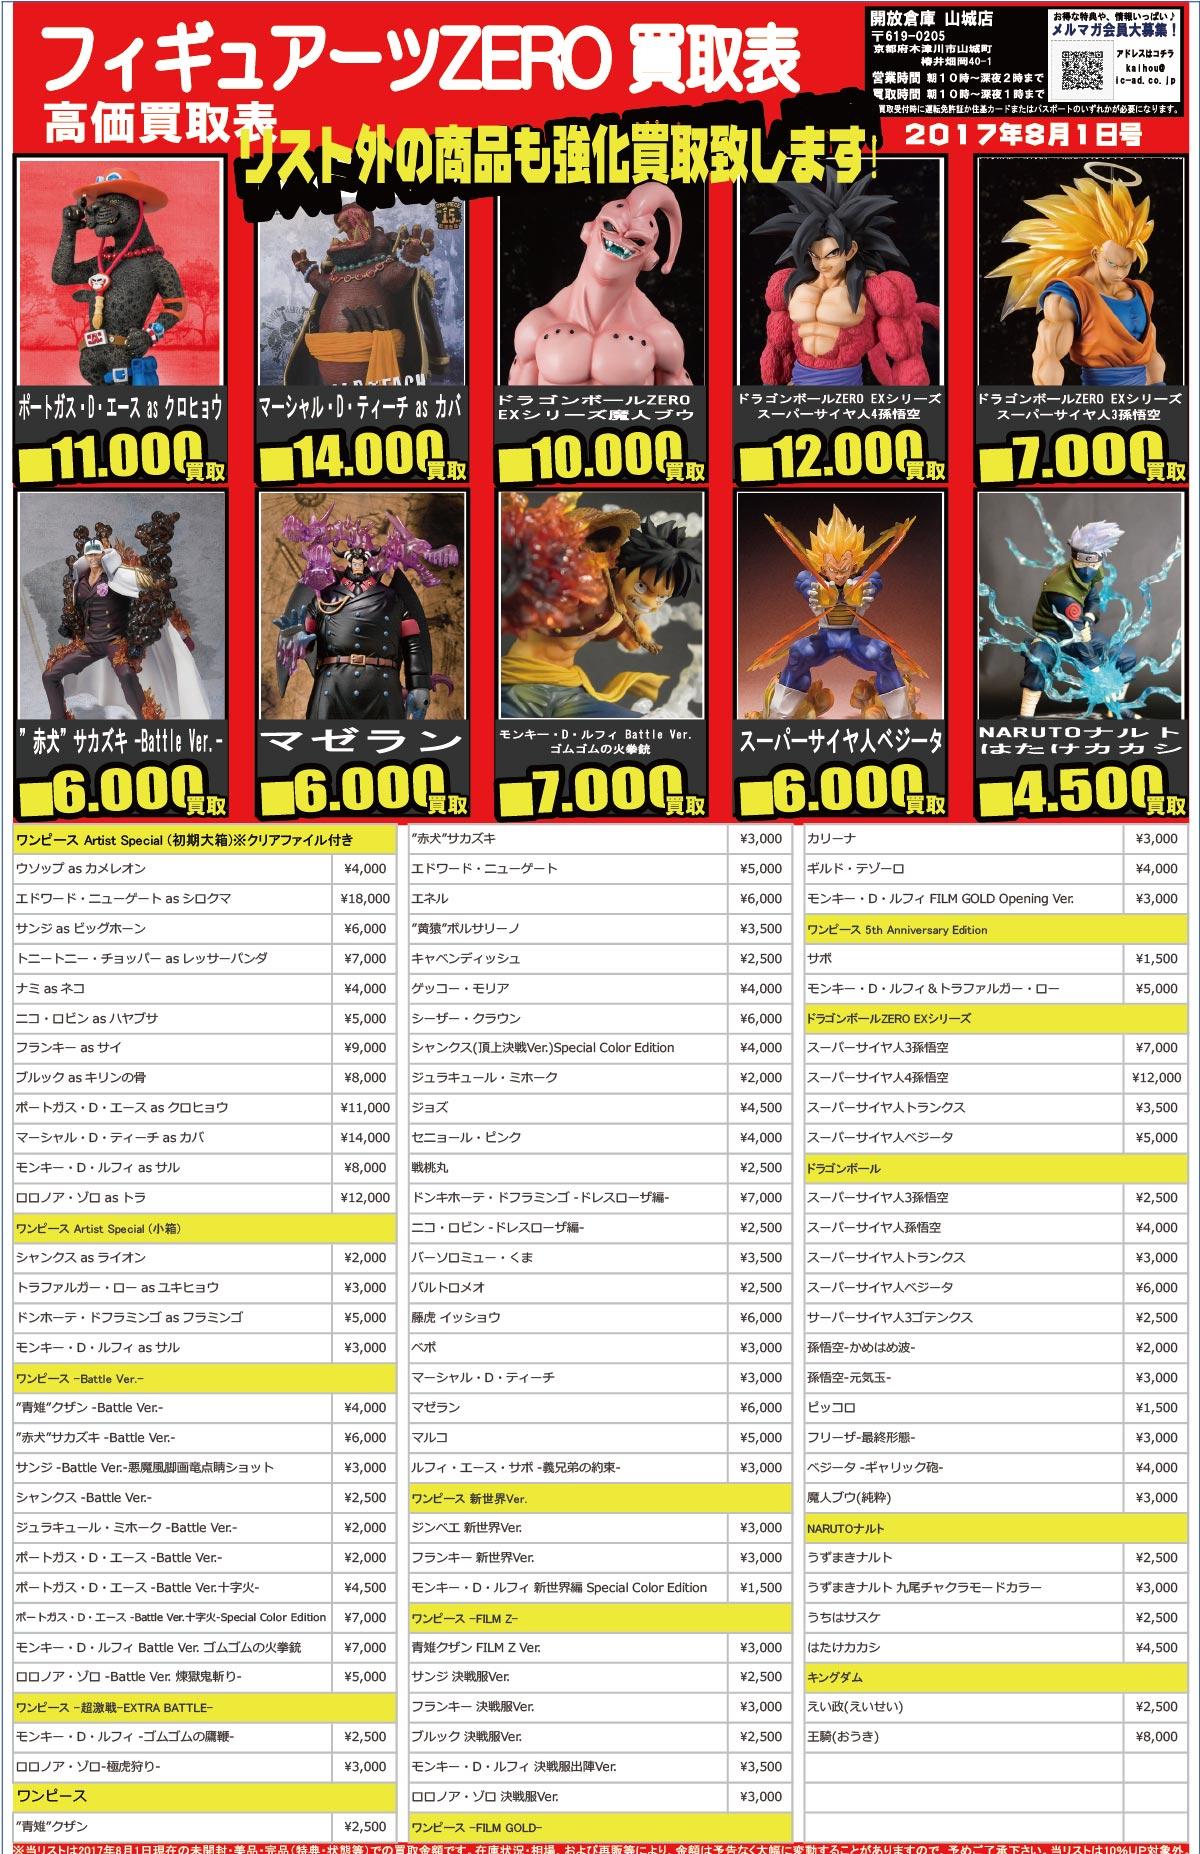 「開放倉庫山城店」おもちゃ買取表<8月1日号>フィギュアーツZERO高価買取表!リスト外の商品も強化買取いたします!